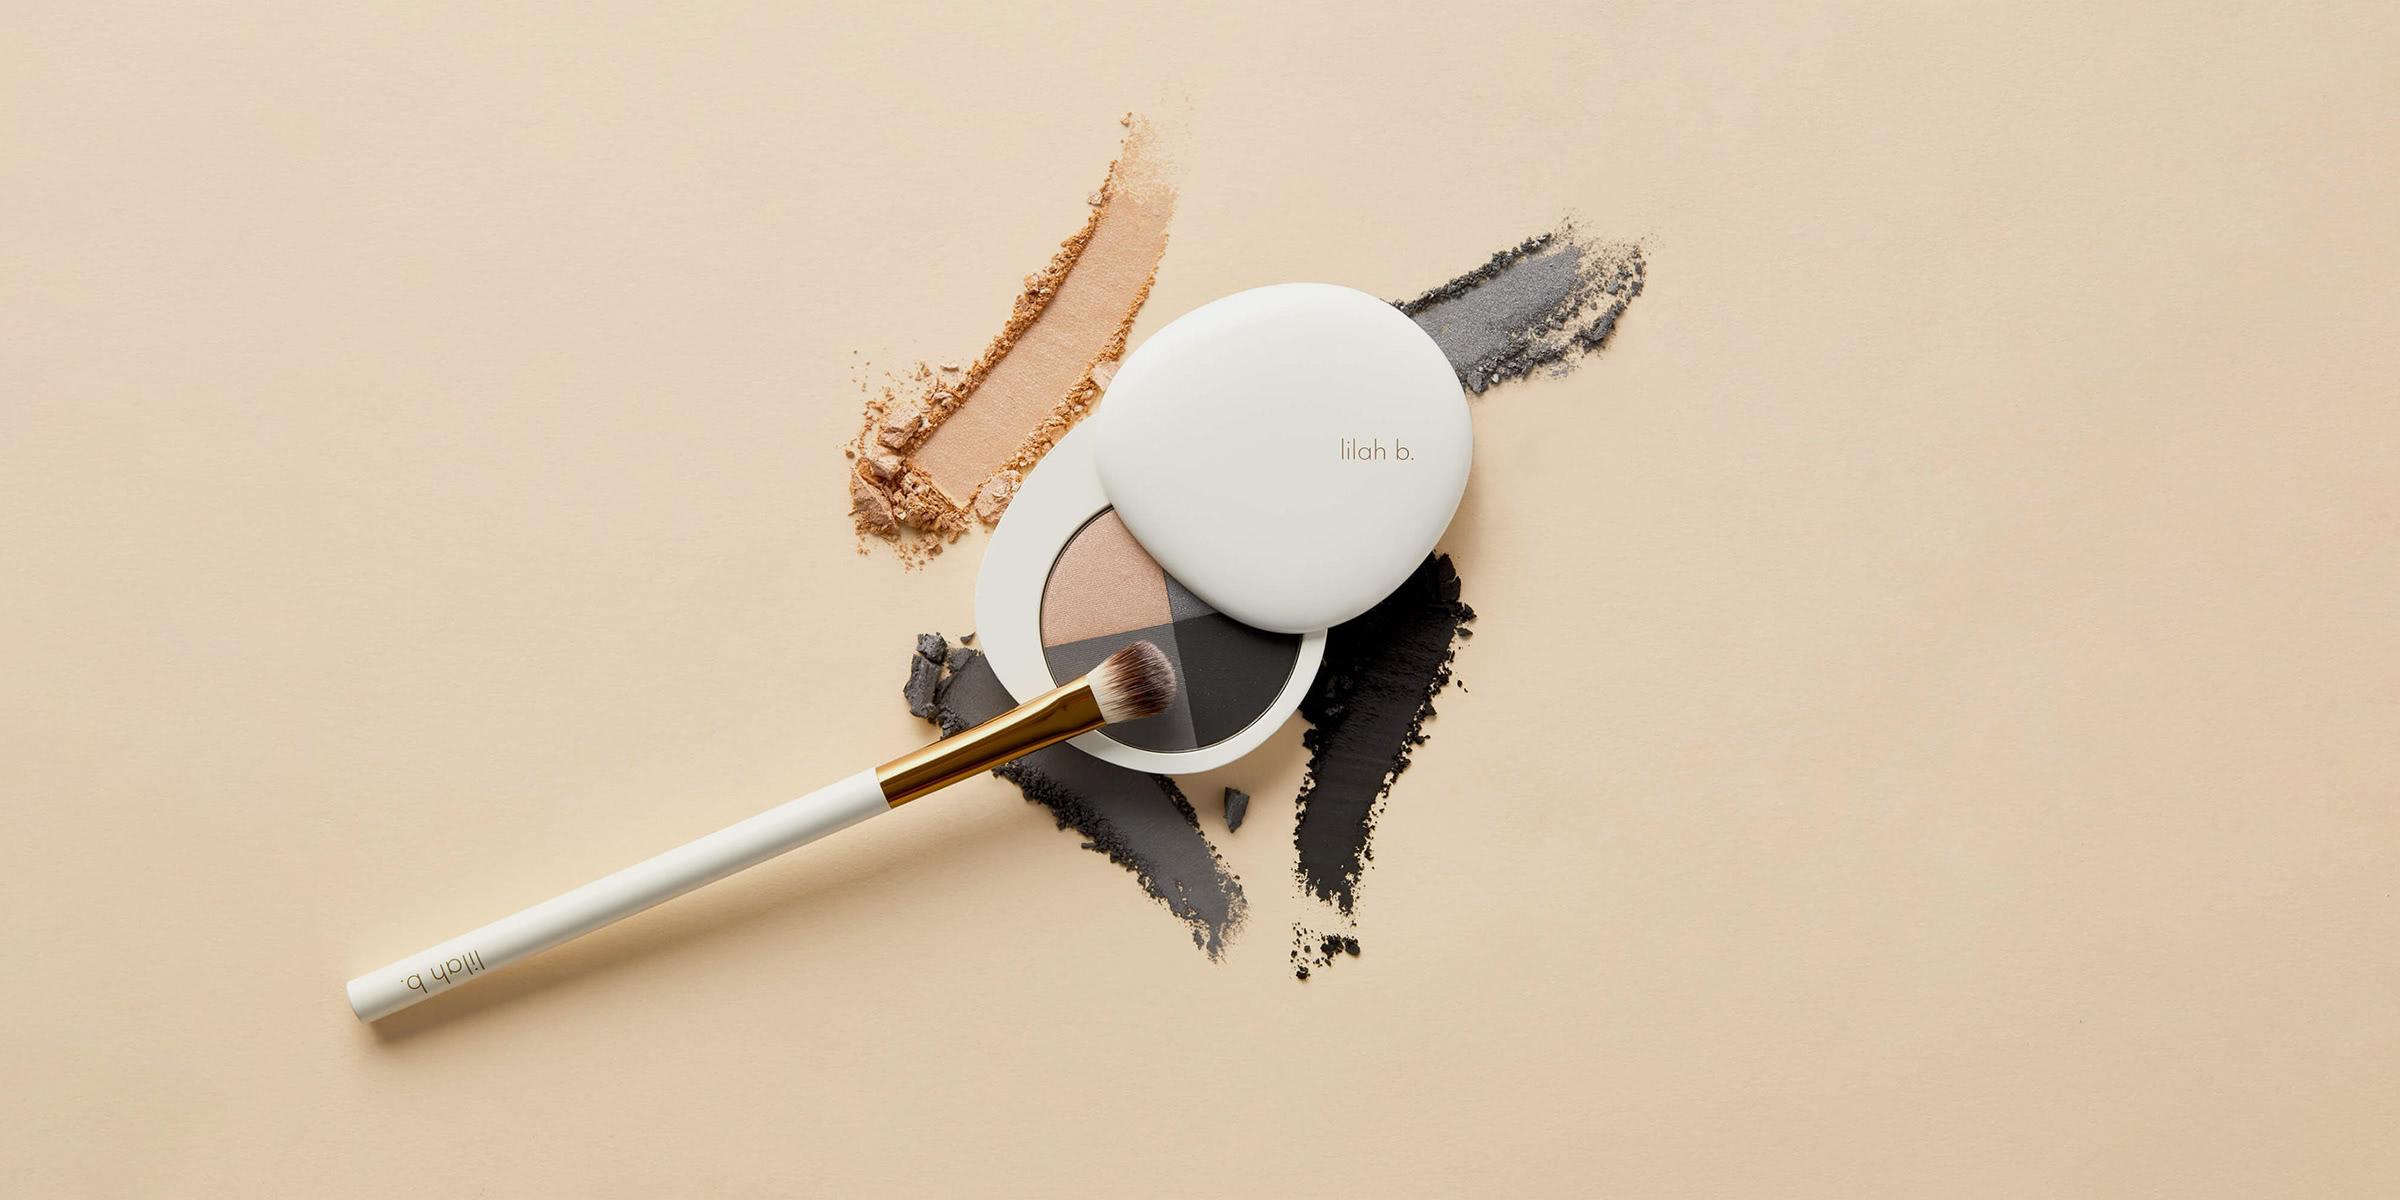 best eyeshadow palettes lilah b luxe digital